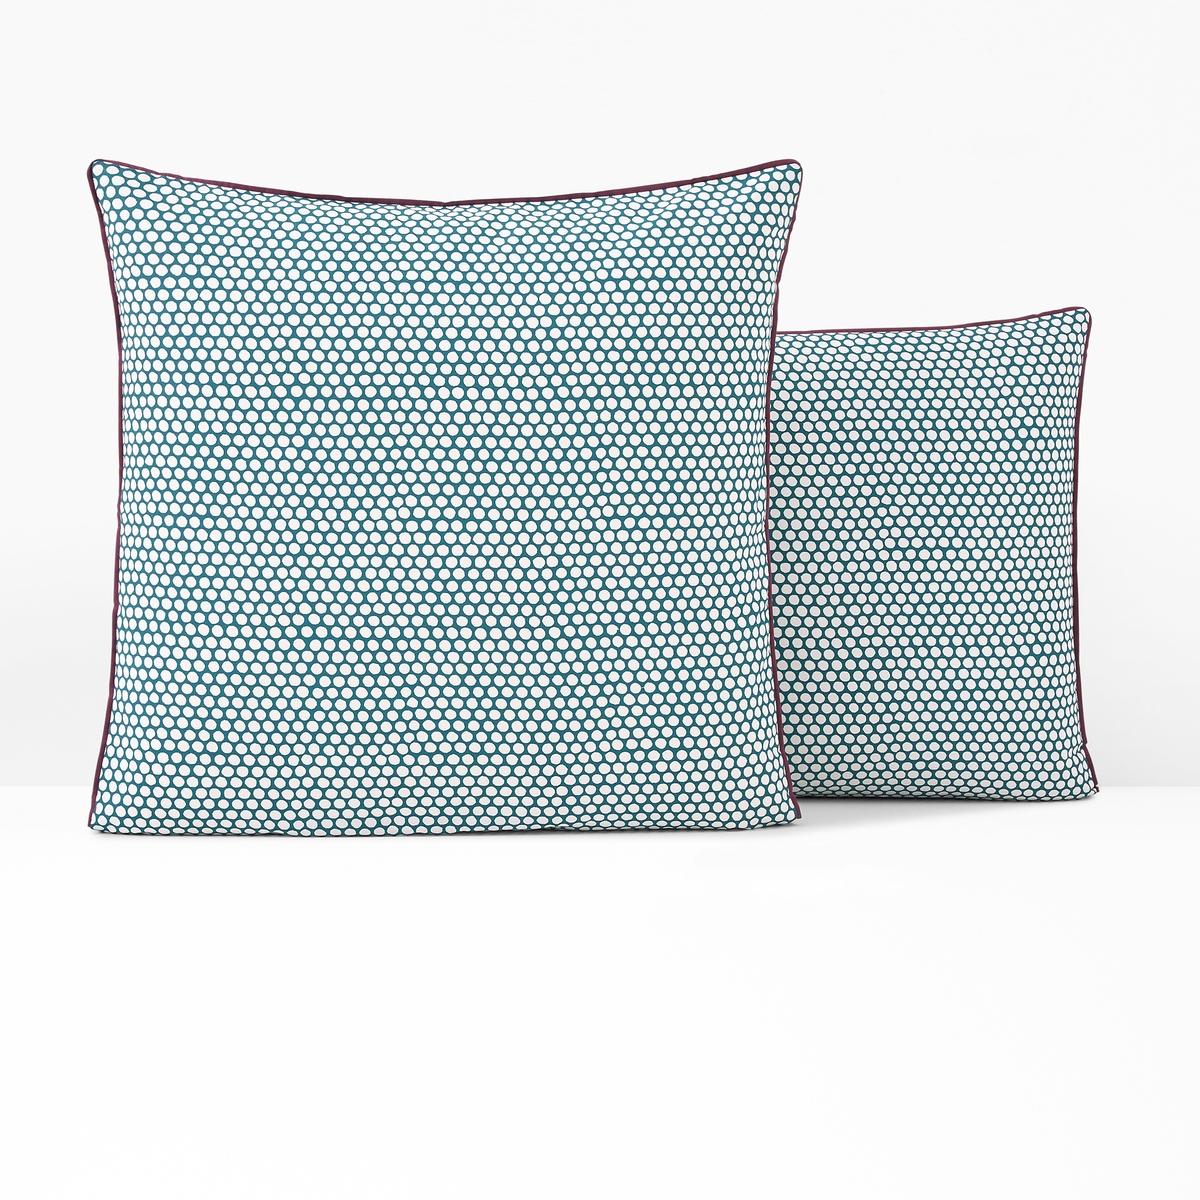 Наволочка La Redoute На подушку или подушку-валик из перкали DUO 85 x 185 см синий простыня la redoute натяжная из перкали grues 90 x 190 см синий